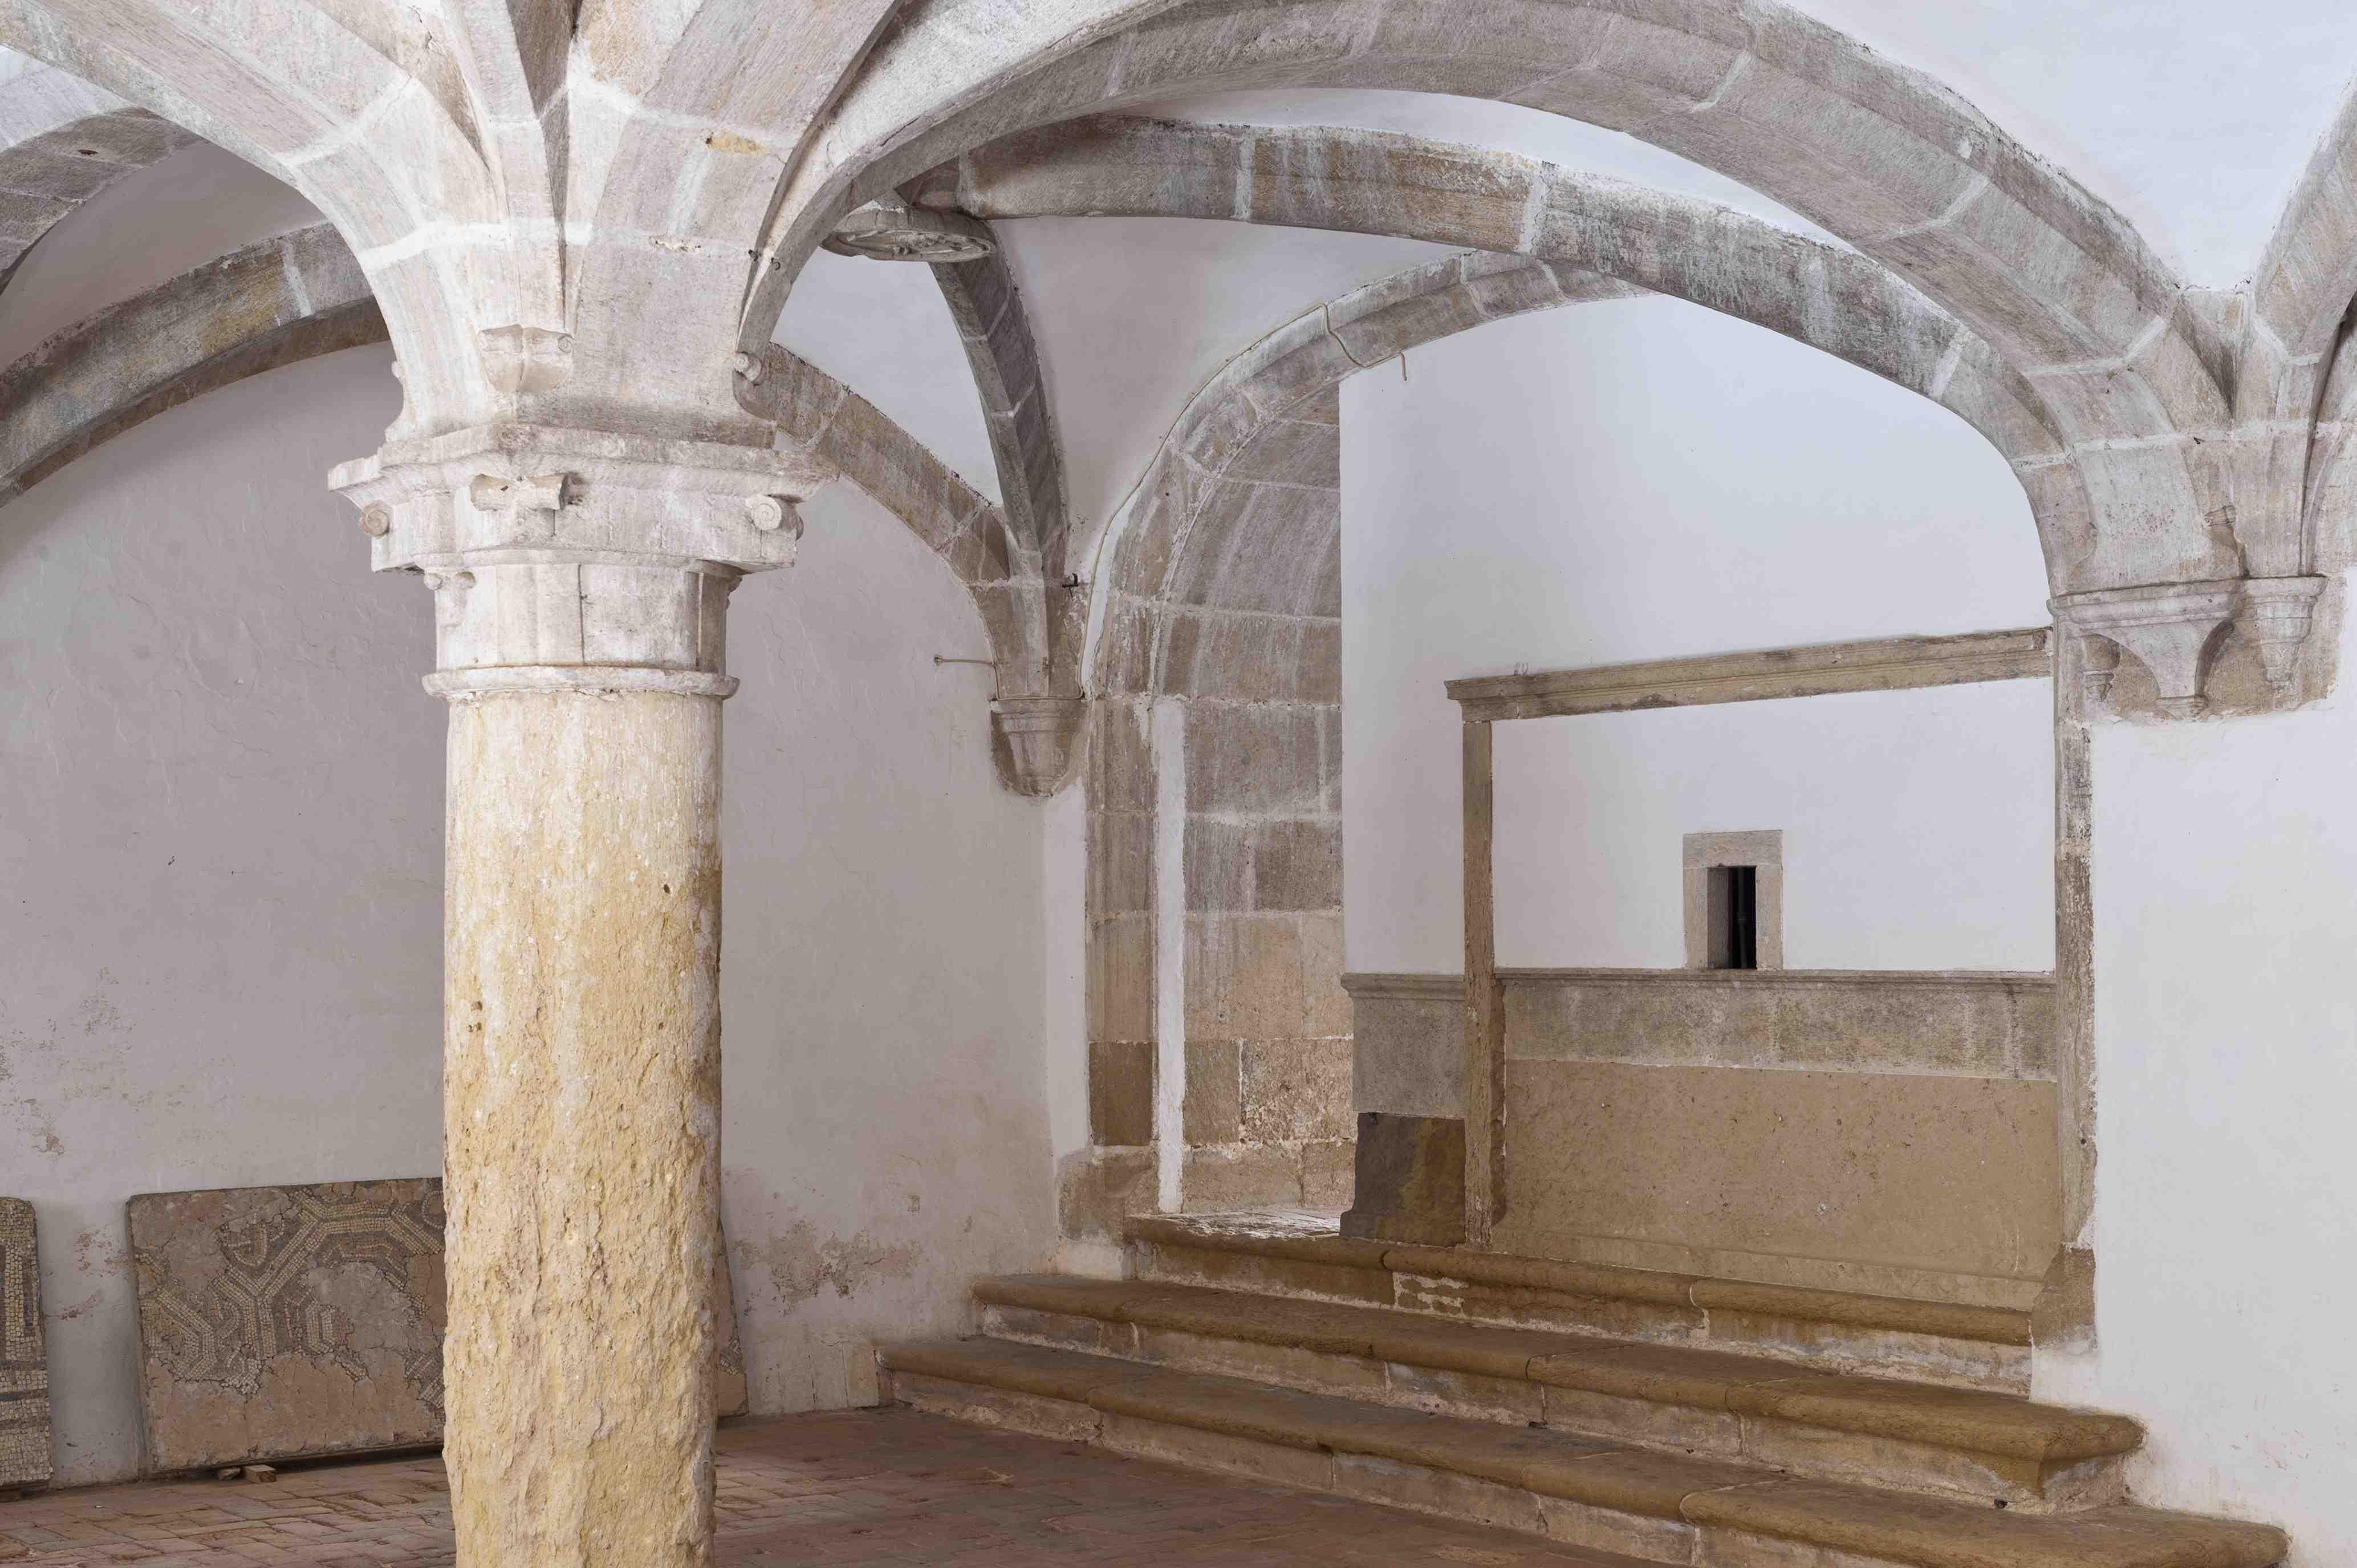 Sala da Procuradoria. Claustro da Micha do Convento Cristo (século XVI)